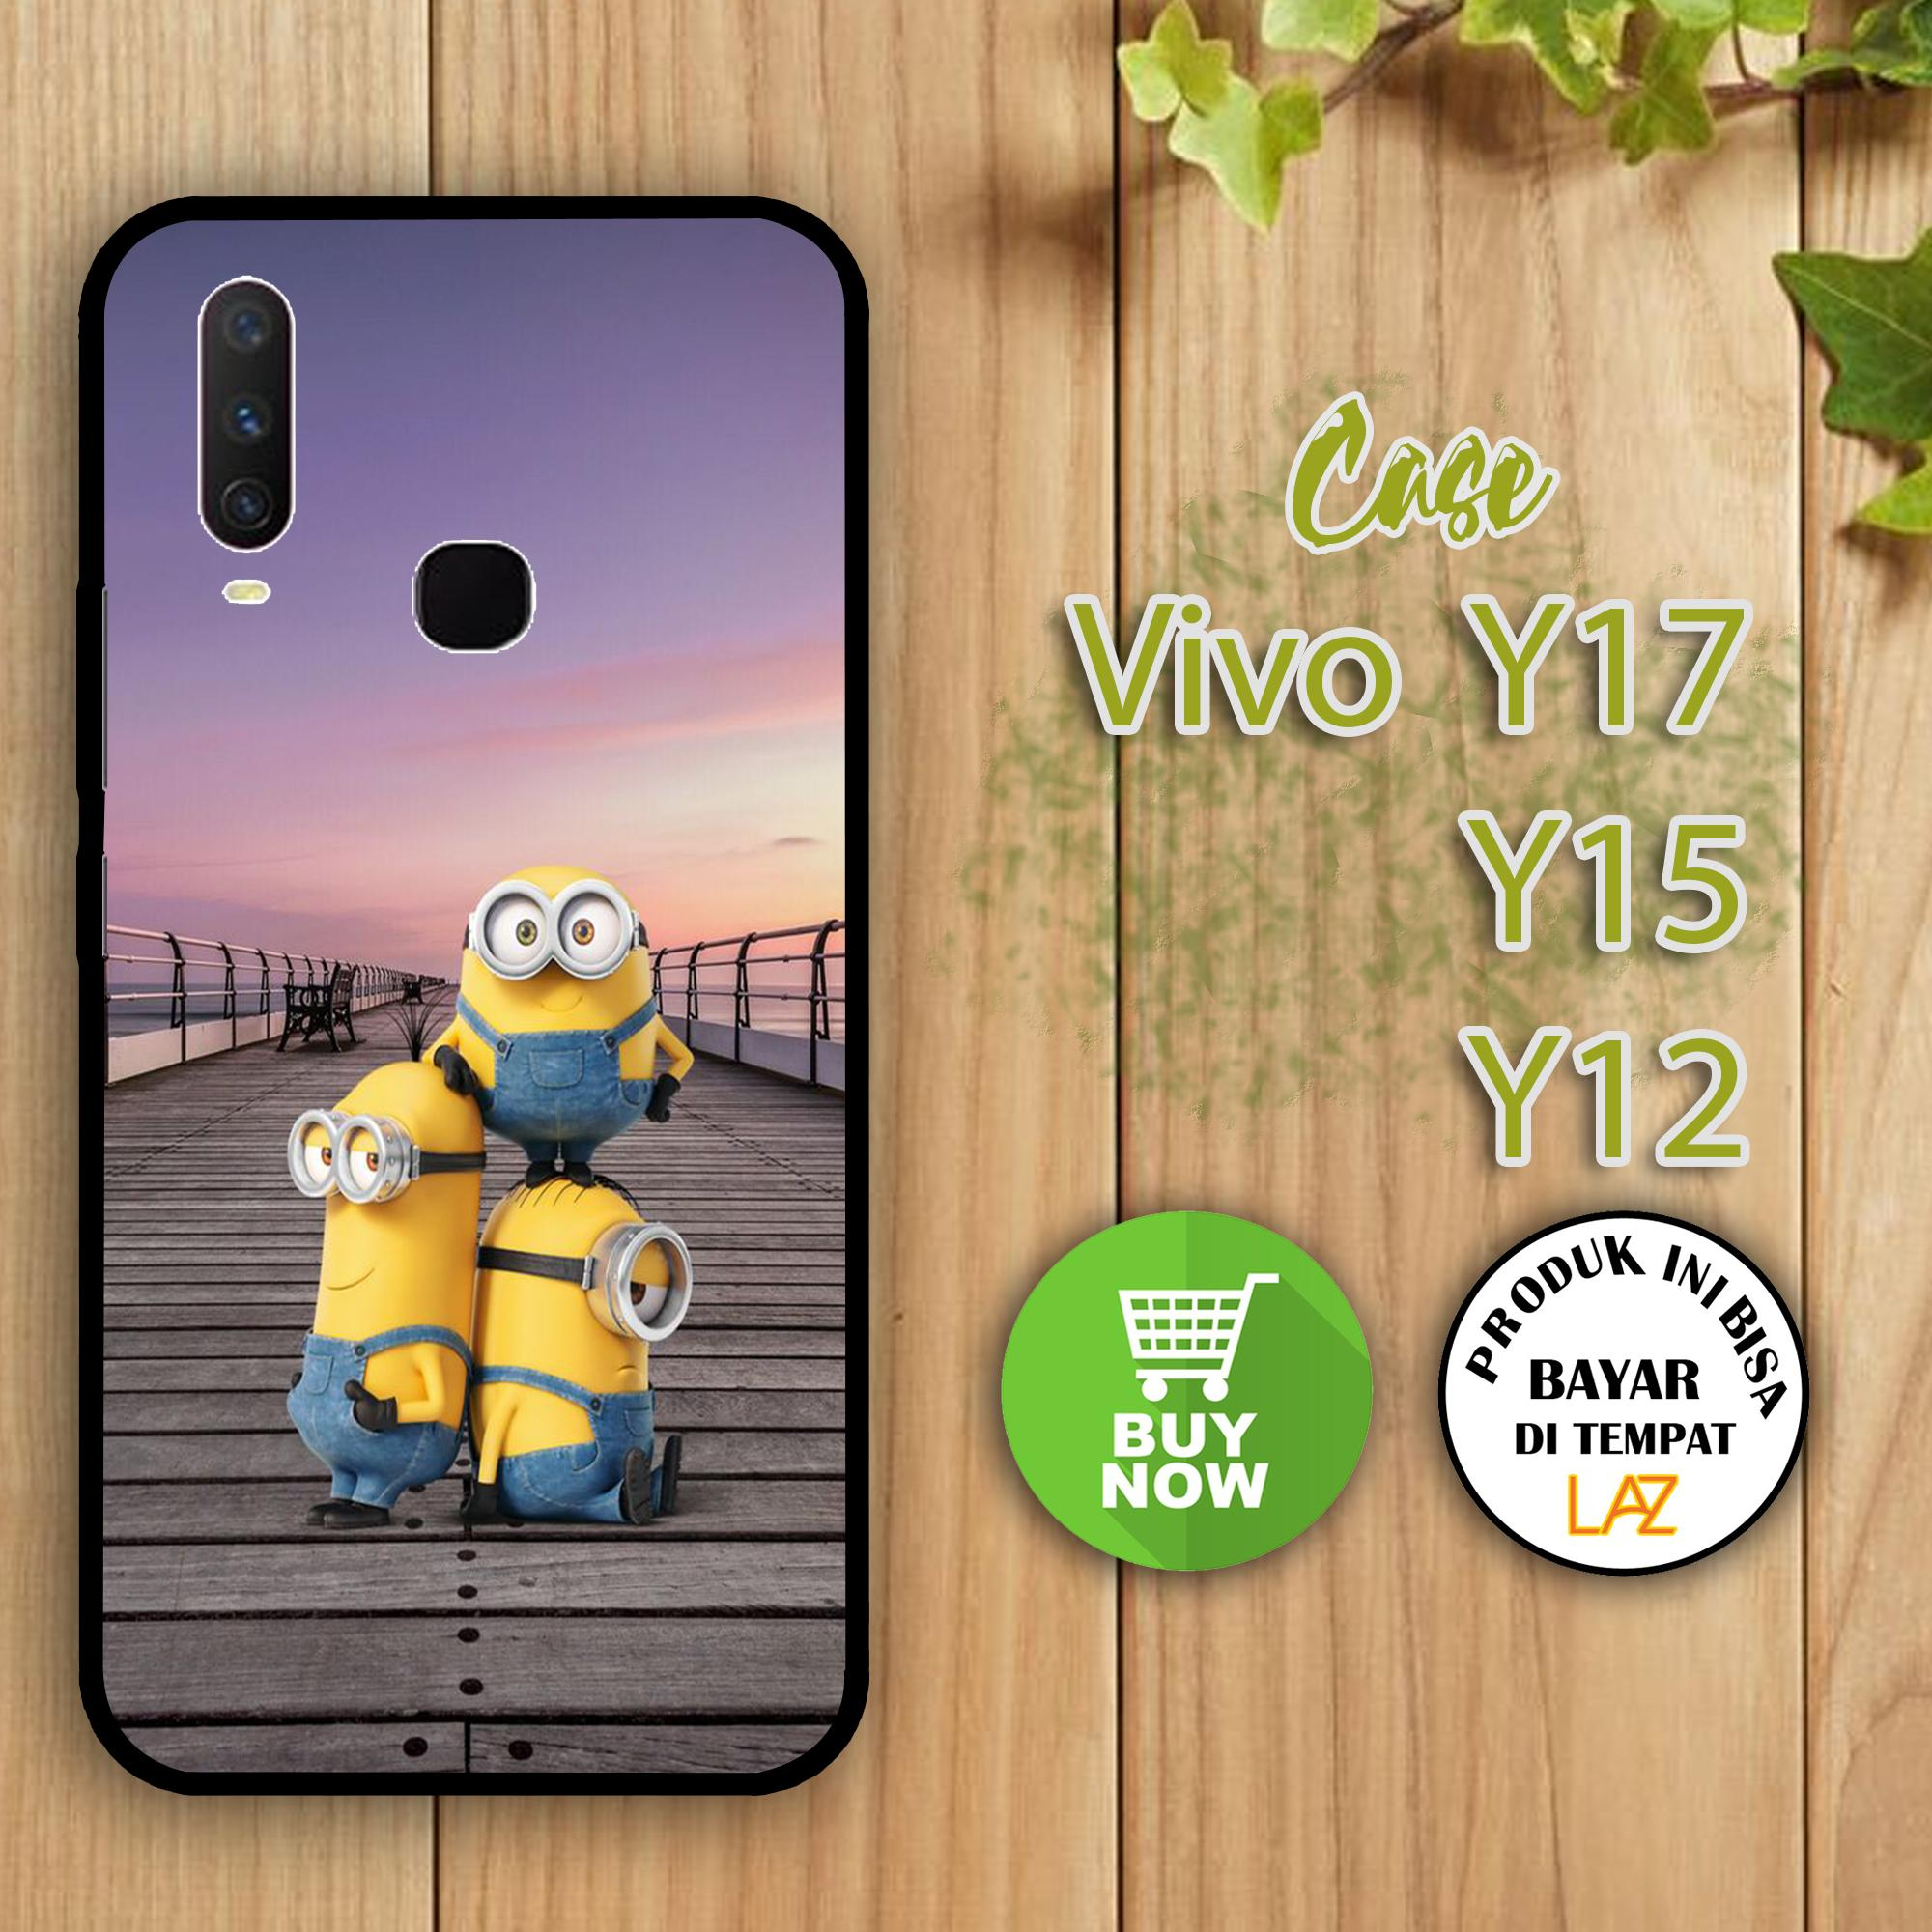 Casemurah Case Vivo Y12 Y15 Y17 Fashion Case Minion 0001